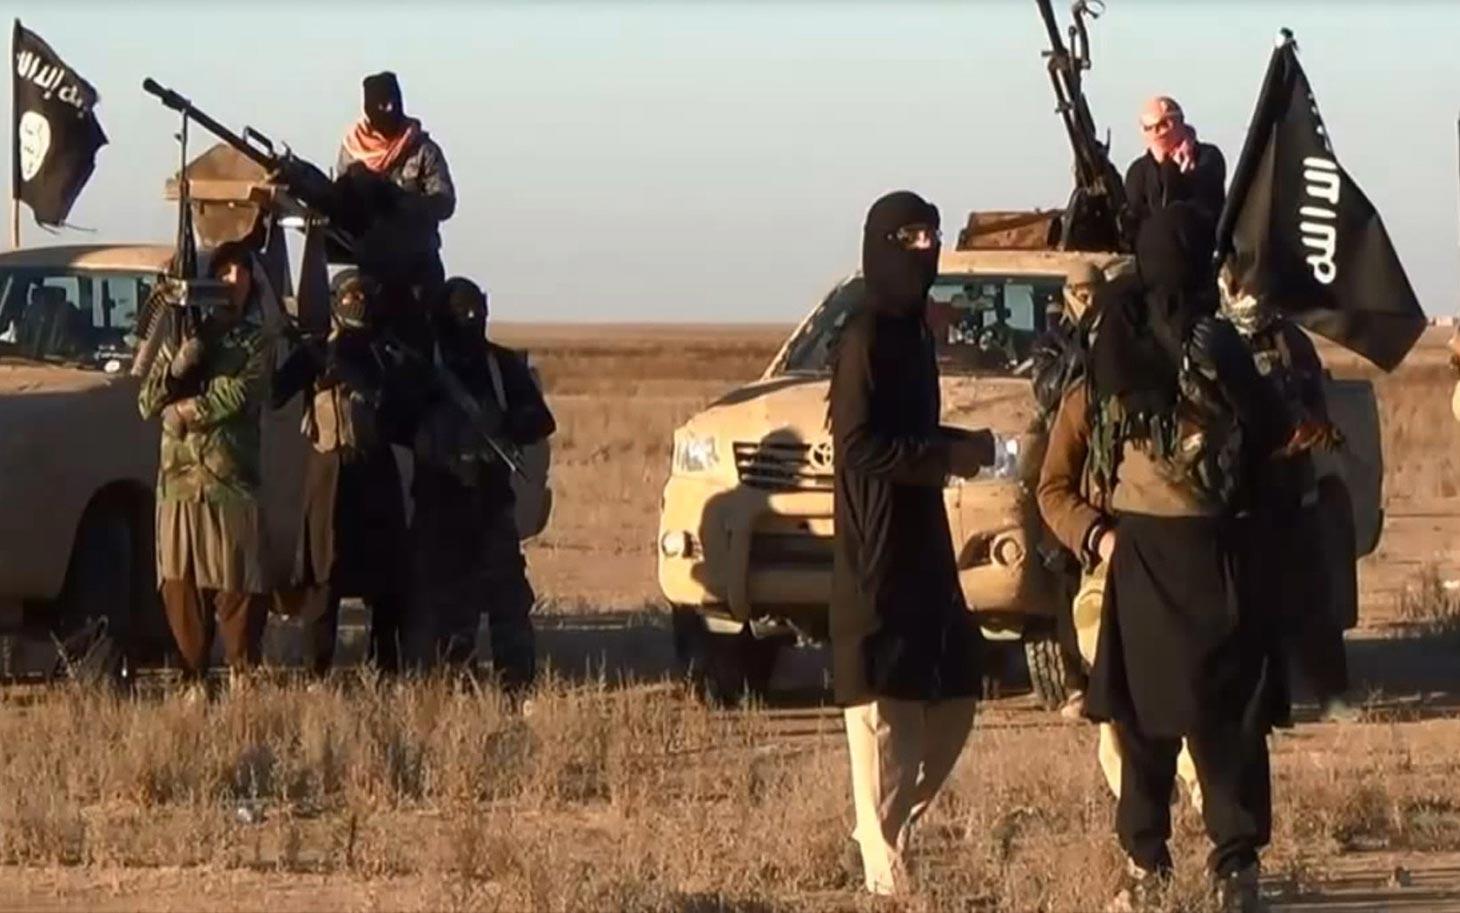 İŞİD'in üst düzey isimlerinden biri Irak'ta yakalandı